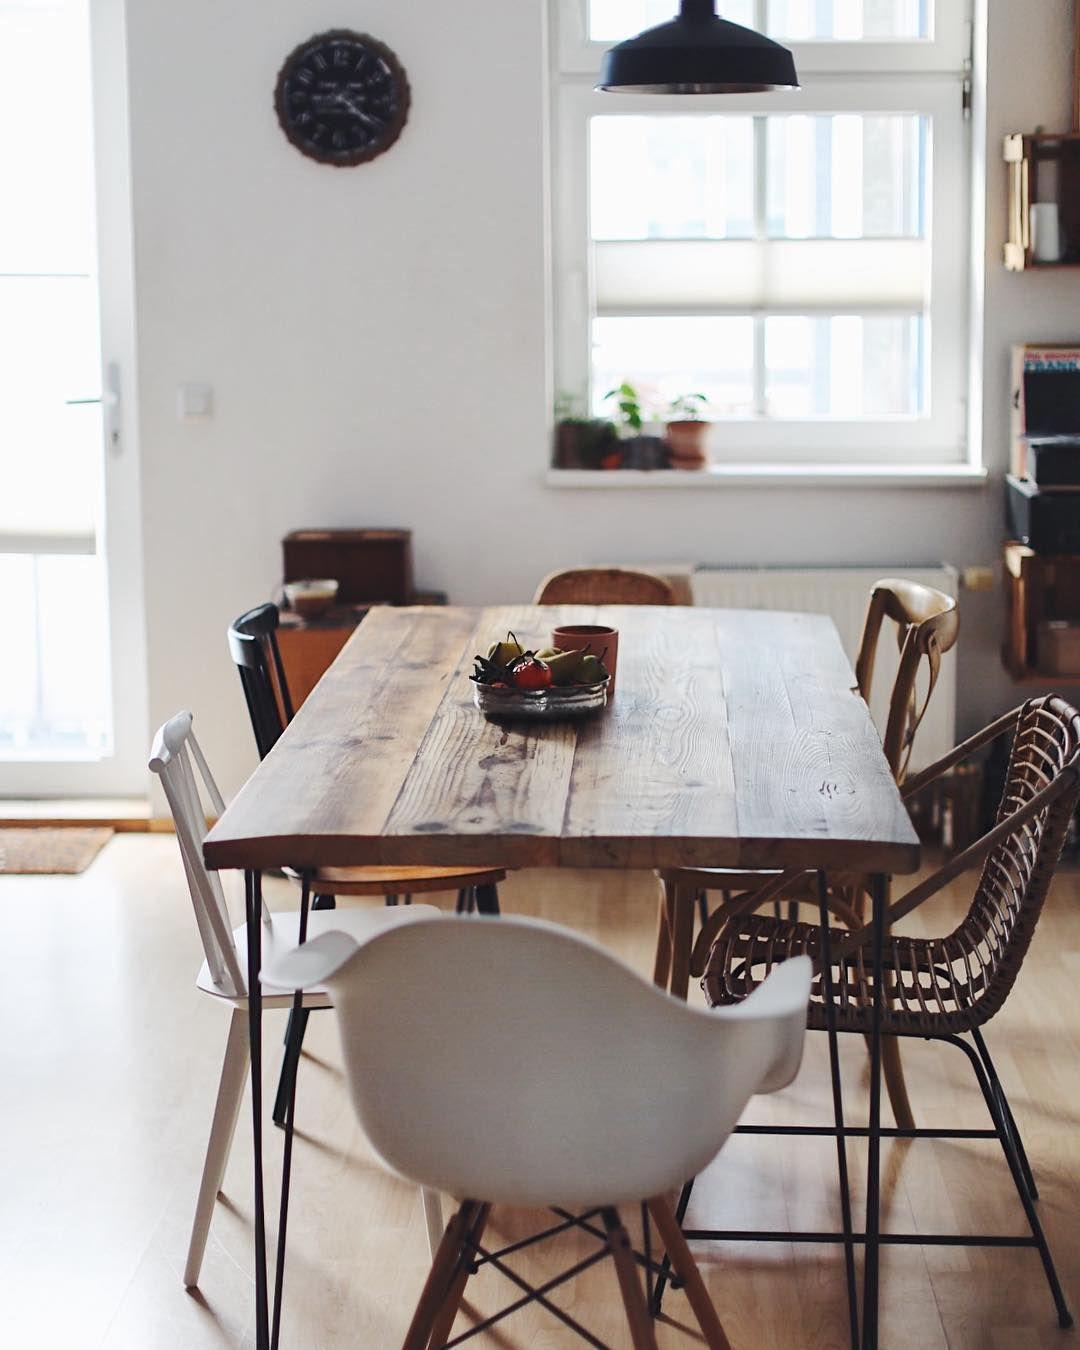 Küchenliebe doitbutdoitnow küchenliebe und die suche nach dem perfekten